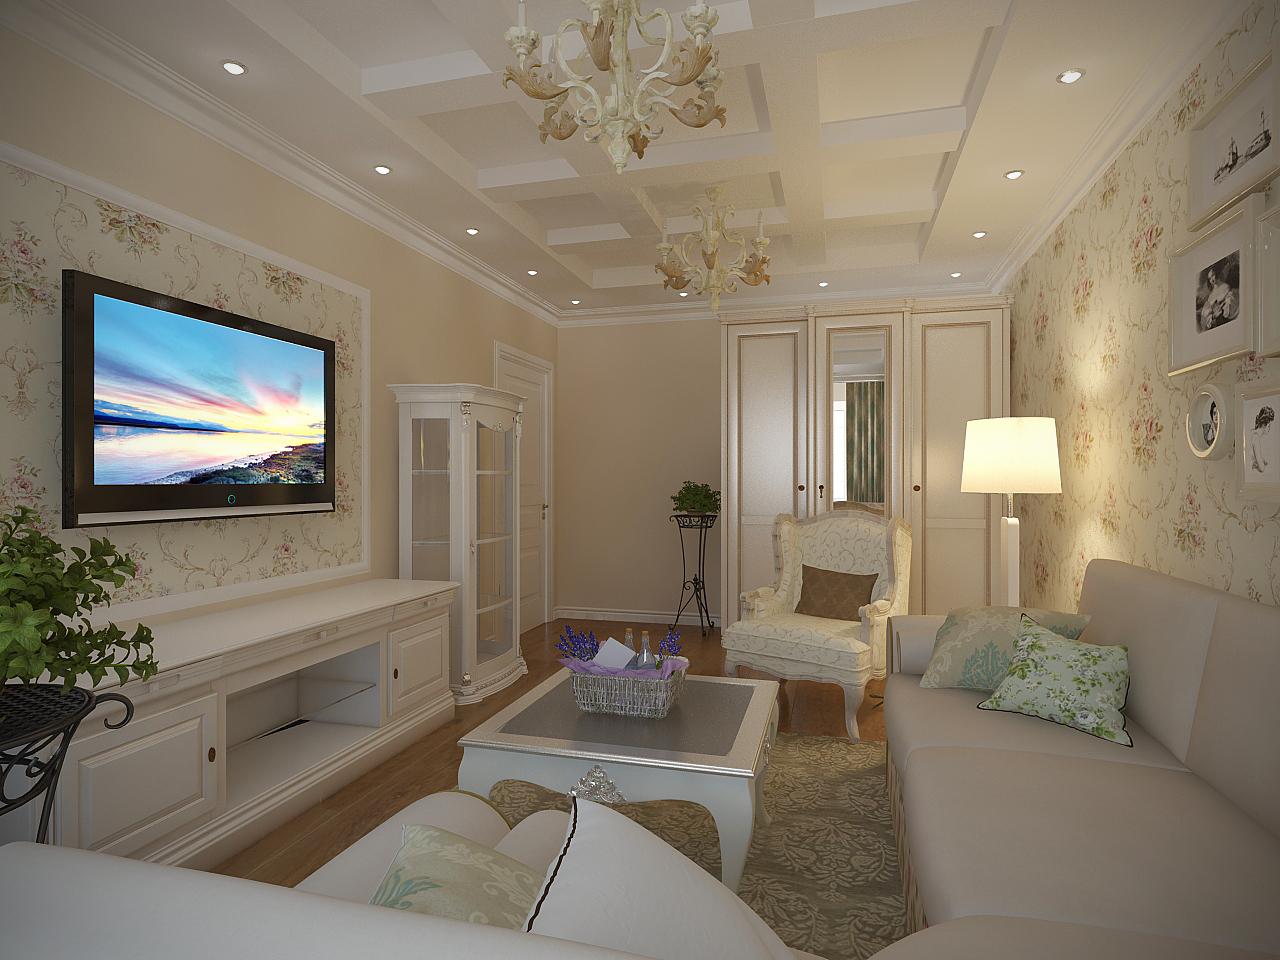 Несмотря на то, что изначально прованс был деревенским стилем, многие владельцы городских квартир выбирают его для создания интерьера.